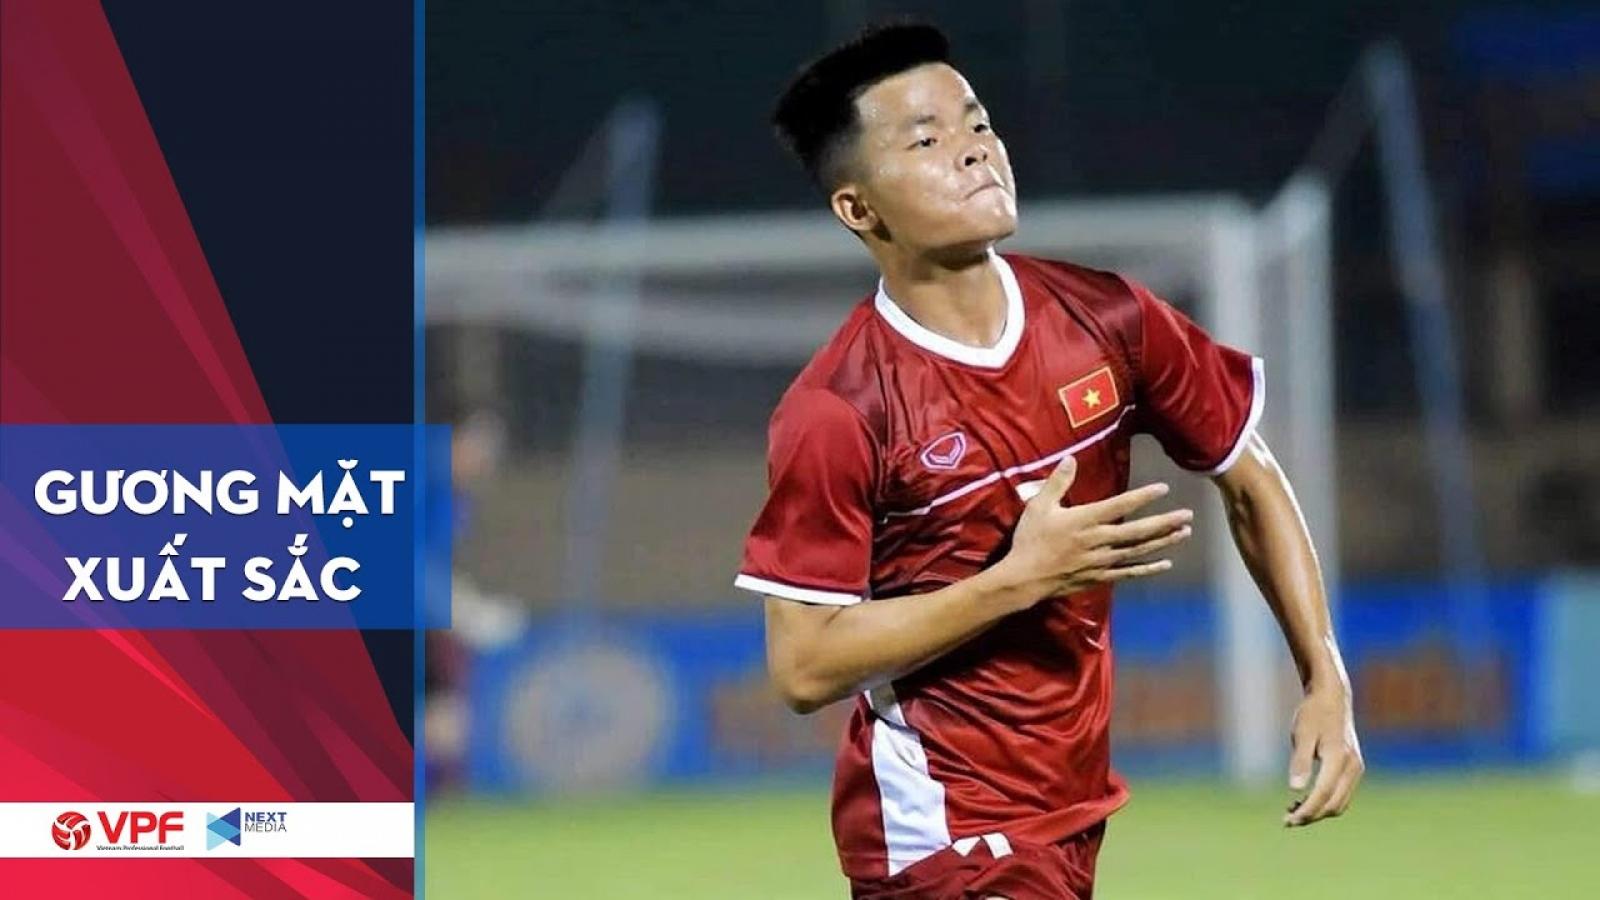 Tiền vệ Trần Mạnh Quỳnh - Cầu thủ nổi bật của U19 Việt Nam